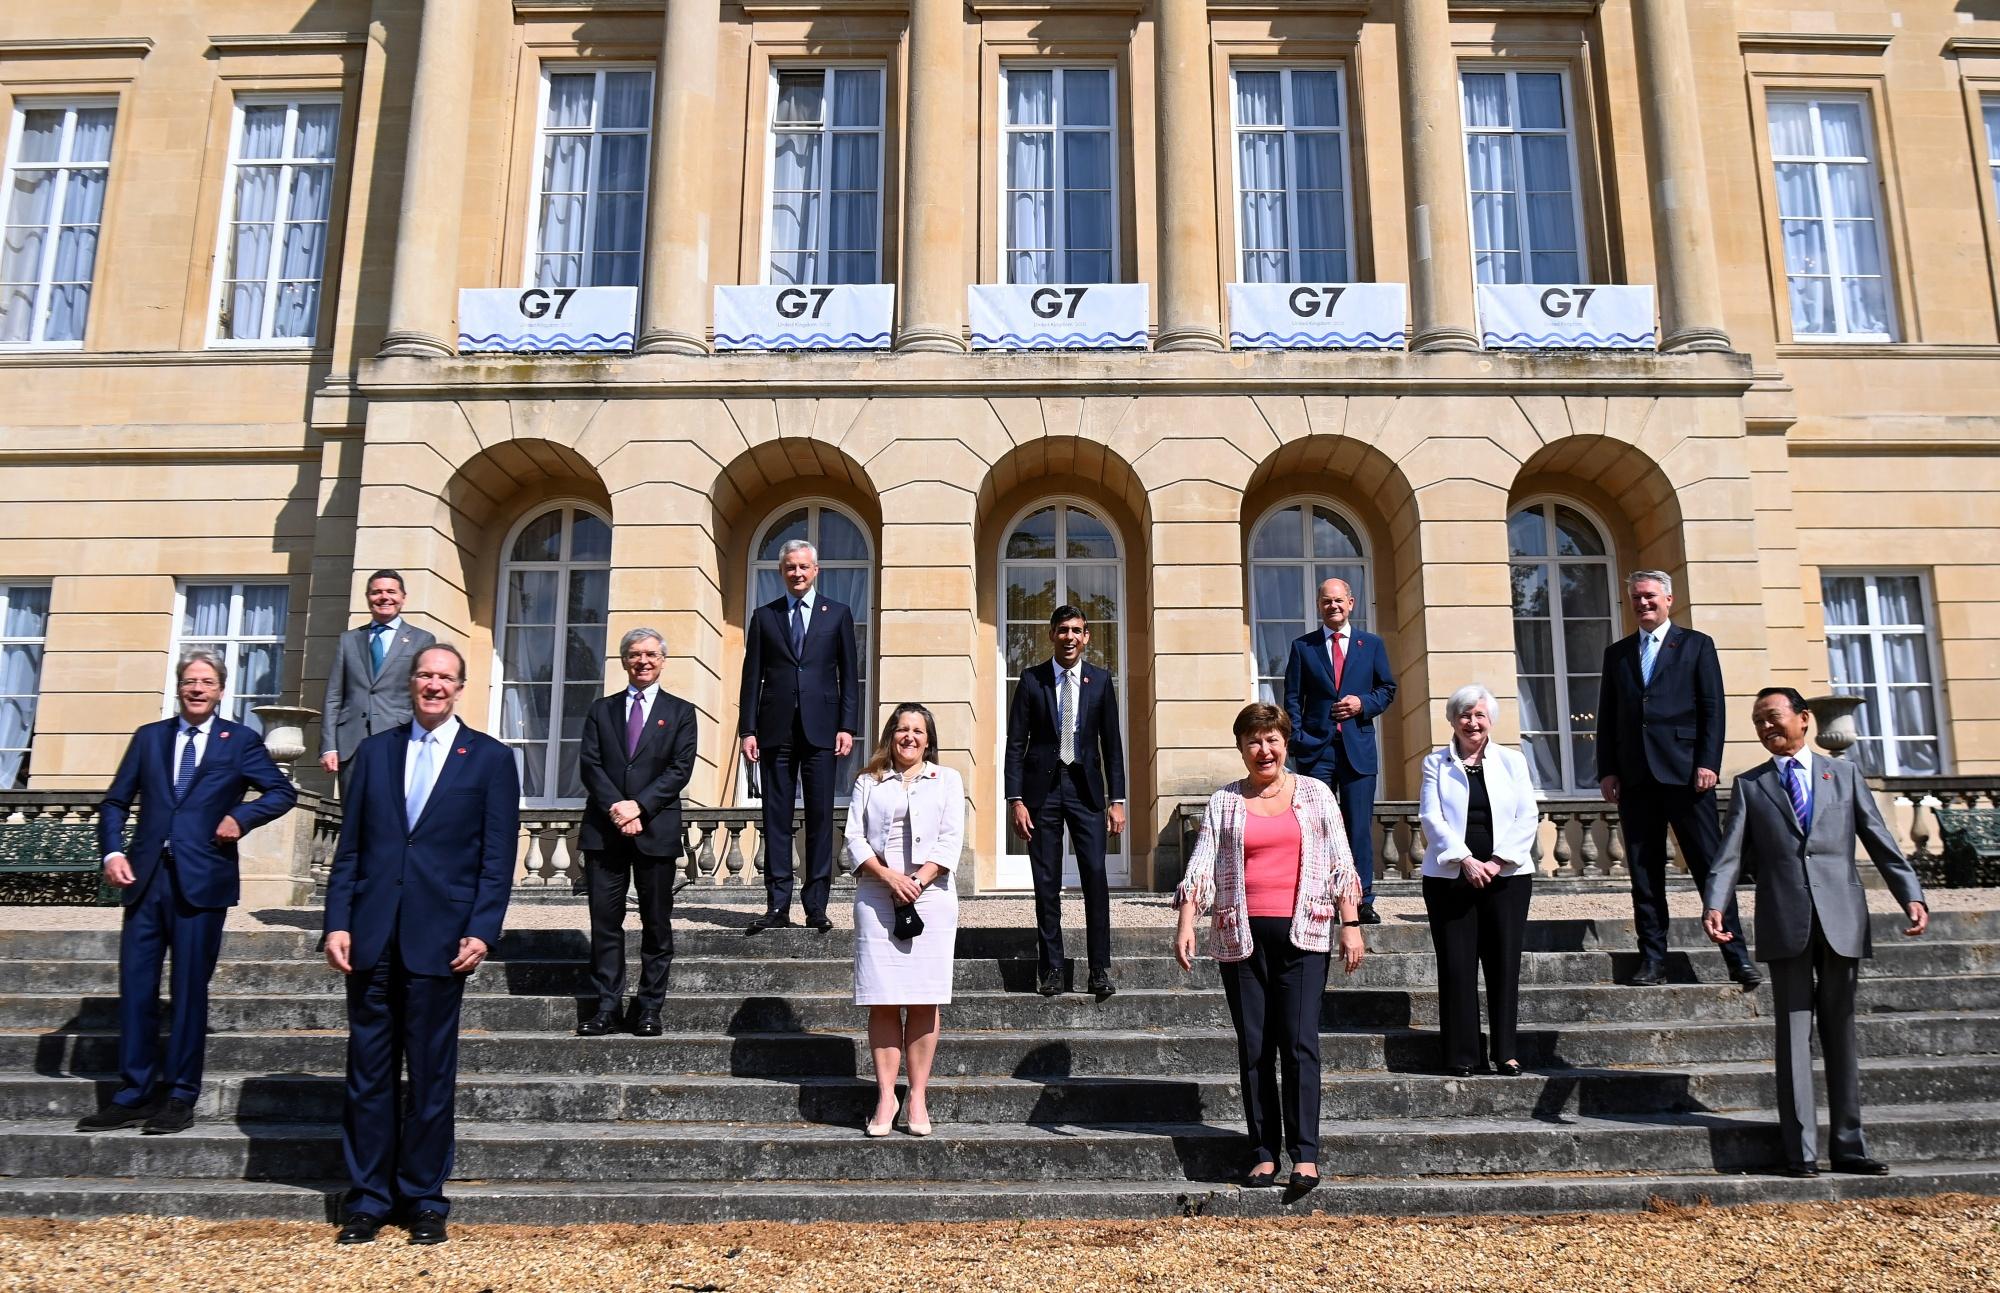 «Историческая сделка»: страны G7 заключили соглашение о едином налоге для IT-компаний